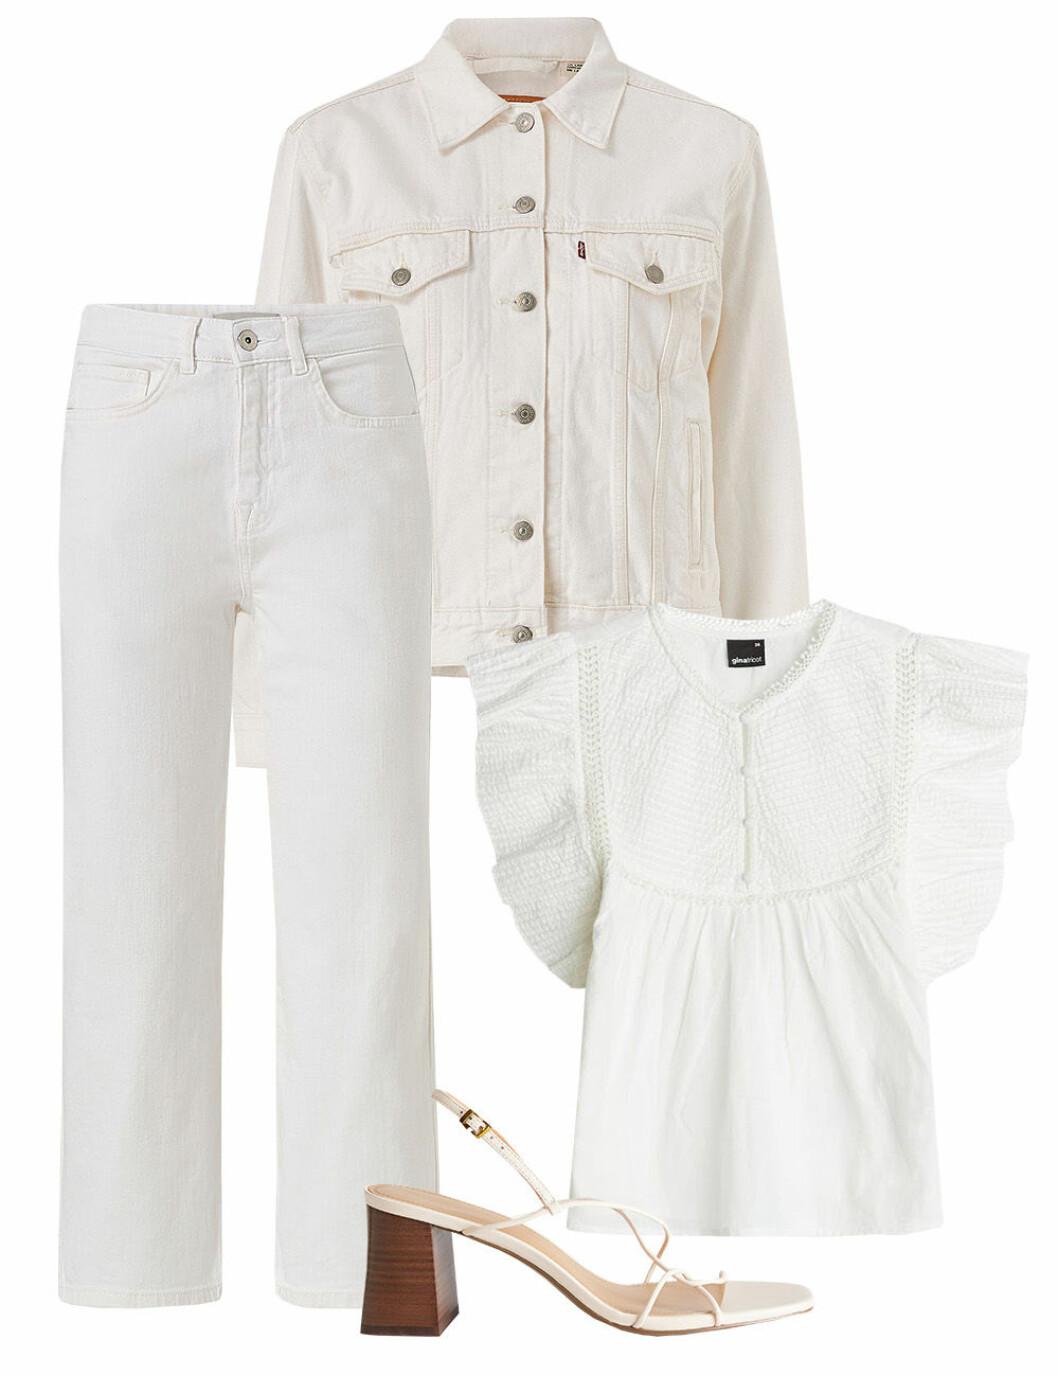 Vita kläder till midsommar 2020